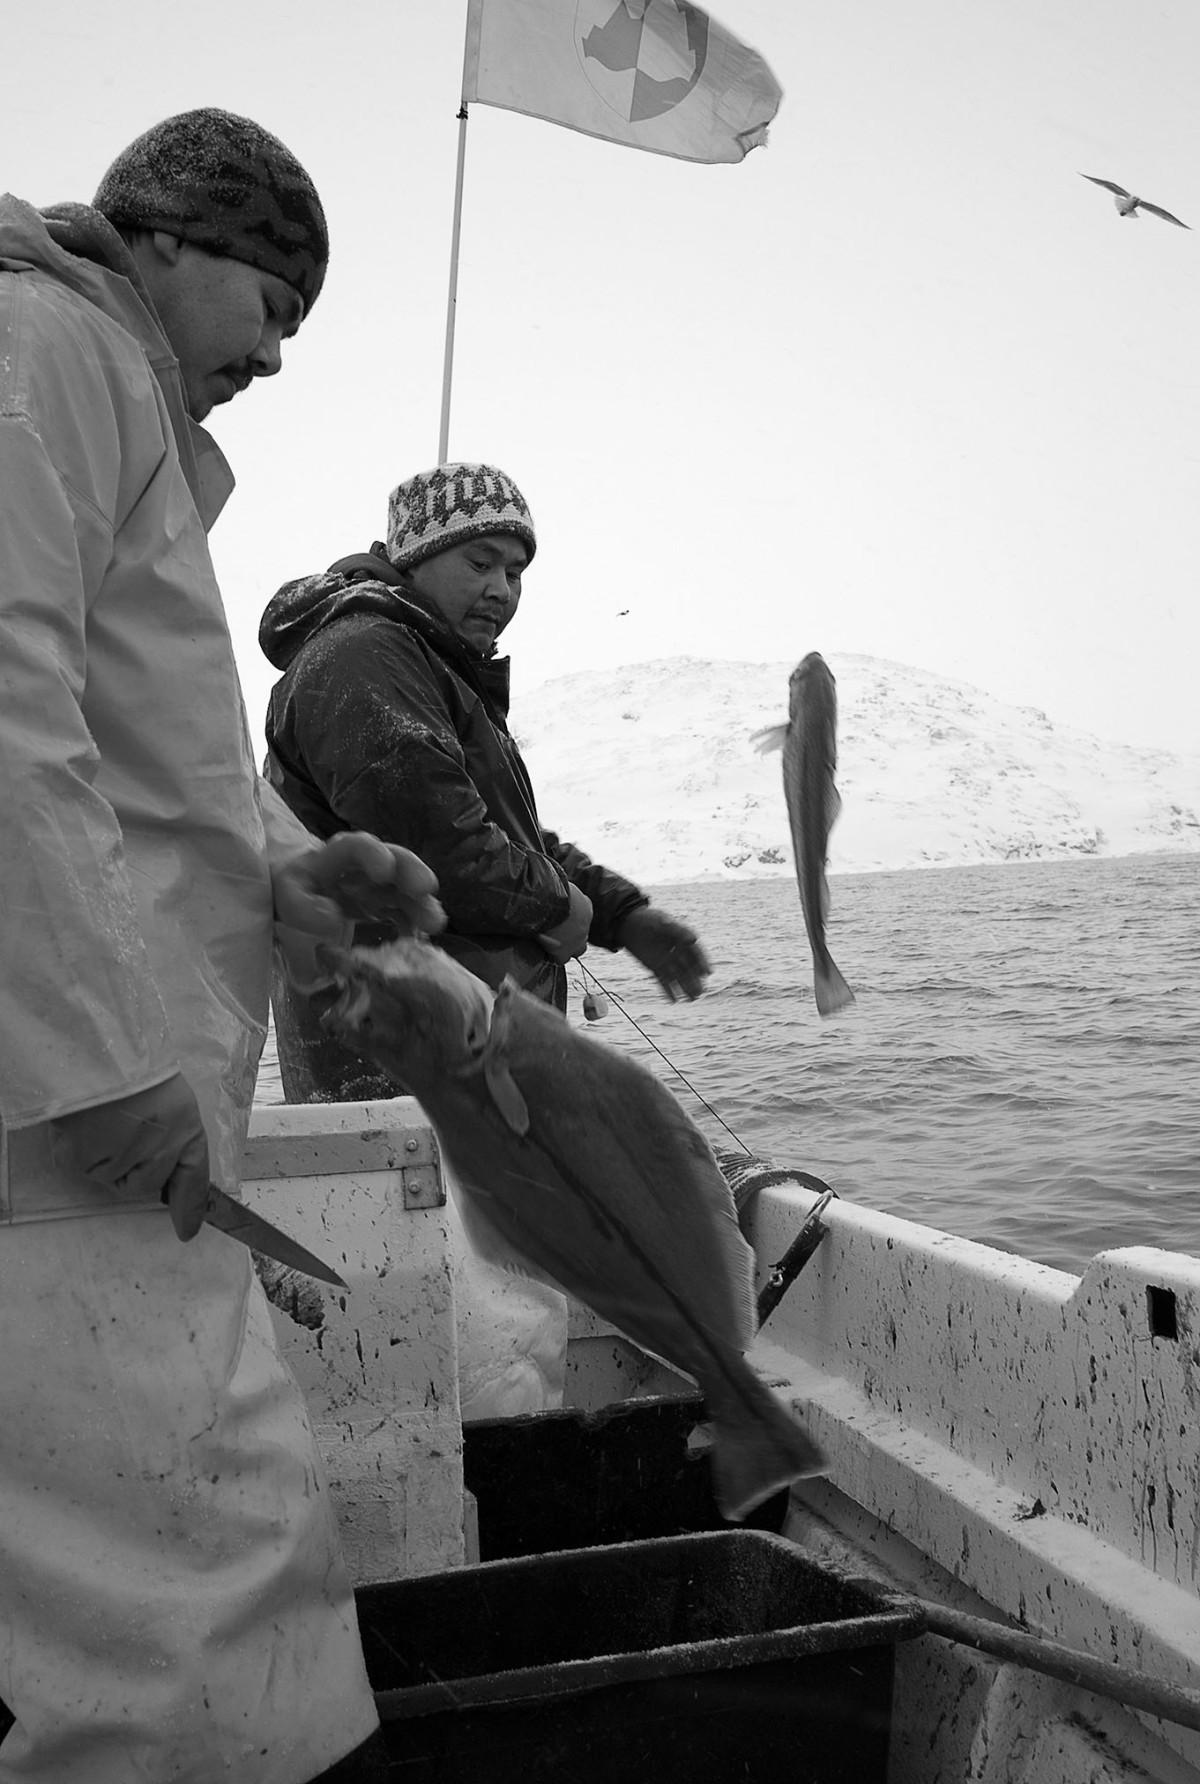 I minus 20 grader i marts månede skal langlinen op godt 800 meter hales i land, så fangsten kan bjerges, og Suulut og Isaq kan få nogle penge på kontoen. Suulut og Isak, hiver den 800 metere lange line i land, selv her